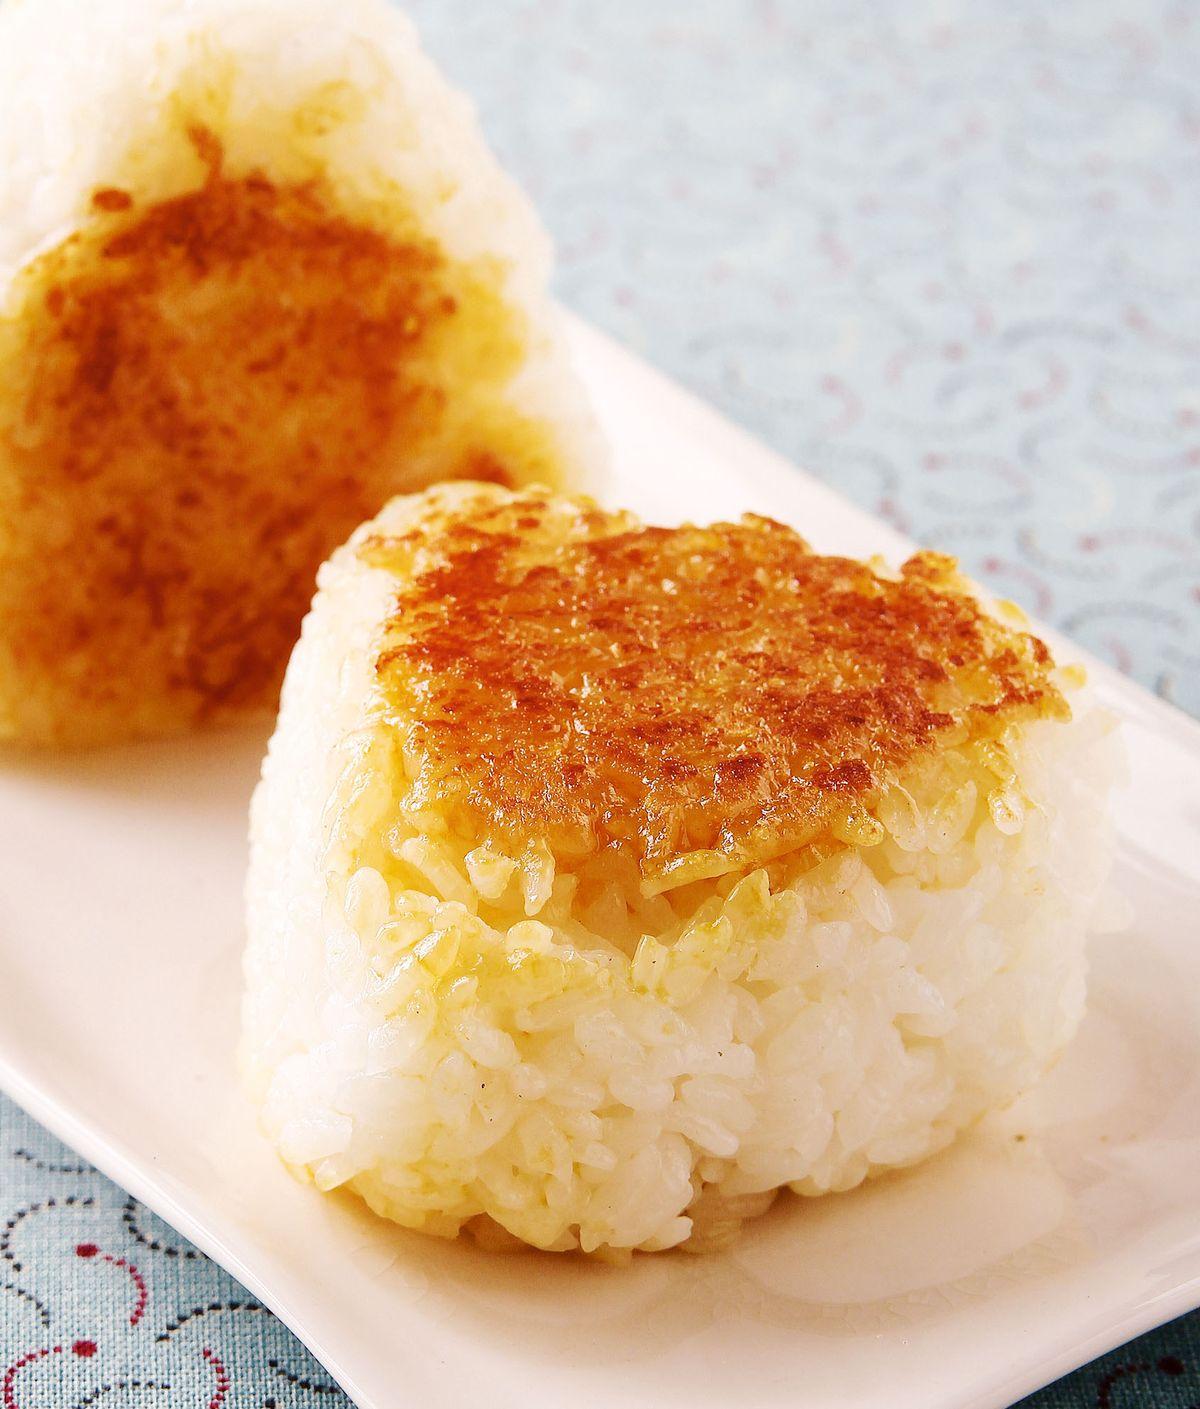 食譜:蛋黃醬油烤飯糰